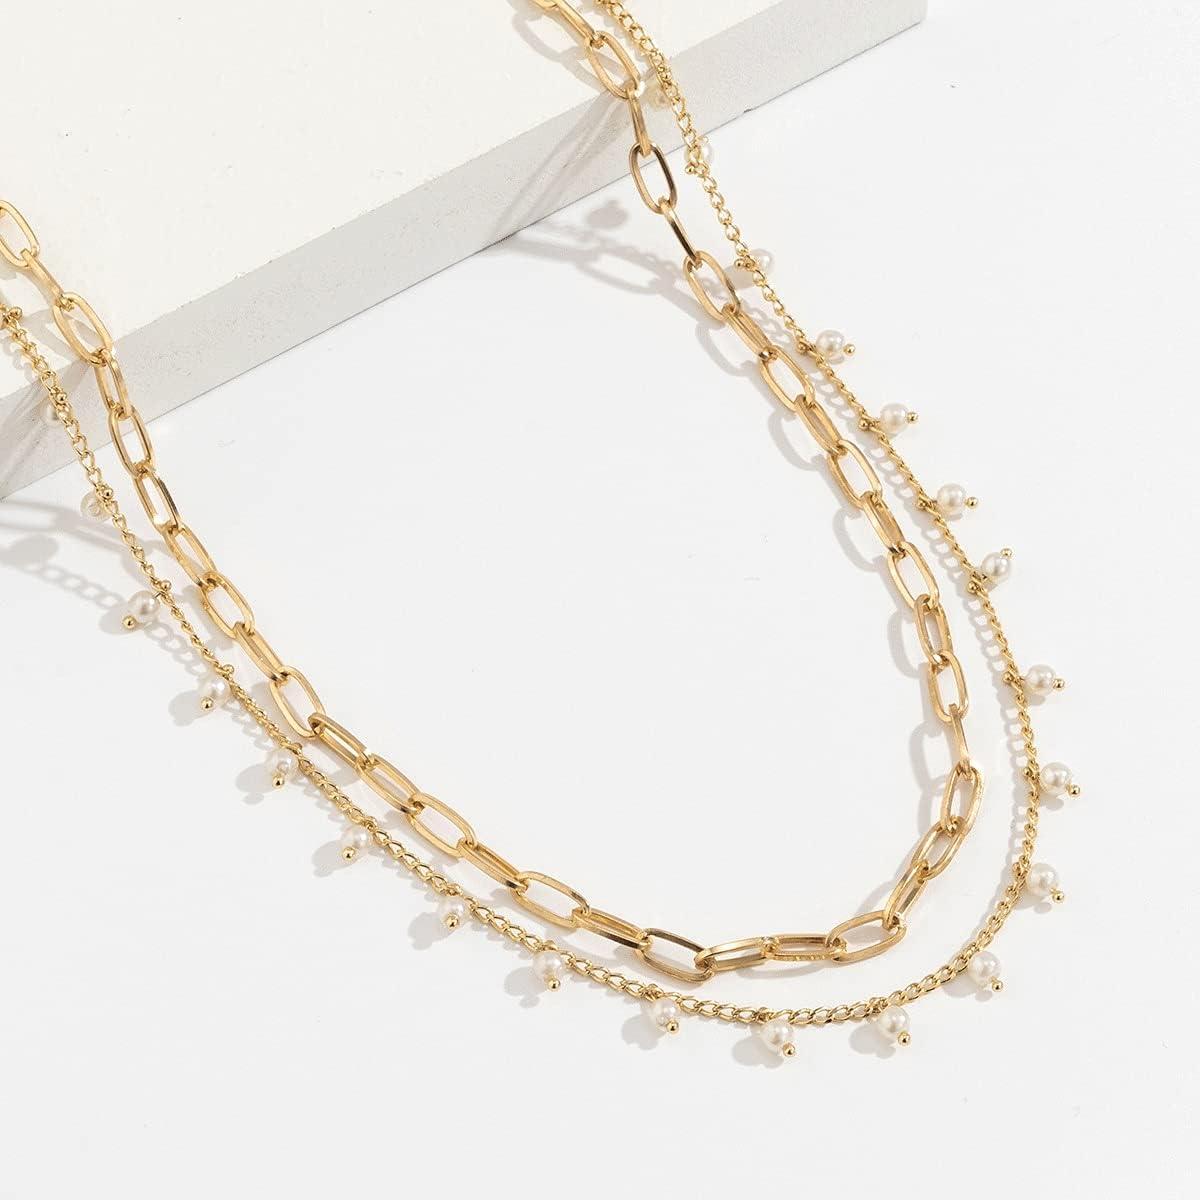 SPNEC 2021 Trends Fashion Sexy Bikini Beach Waist Chain Pearl Cross Body Chain Female Body Jewelry Abdomen Chain Women Exclusive (Color : Gold, Size : 75+25cm)